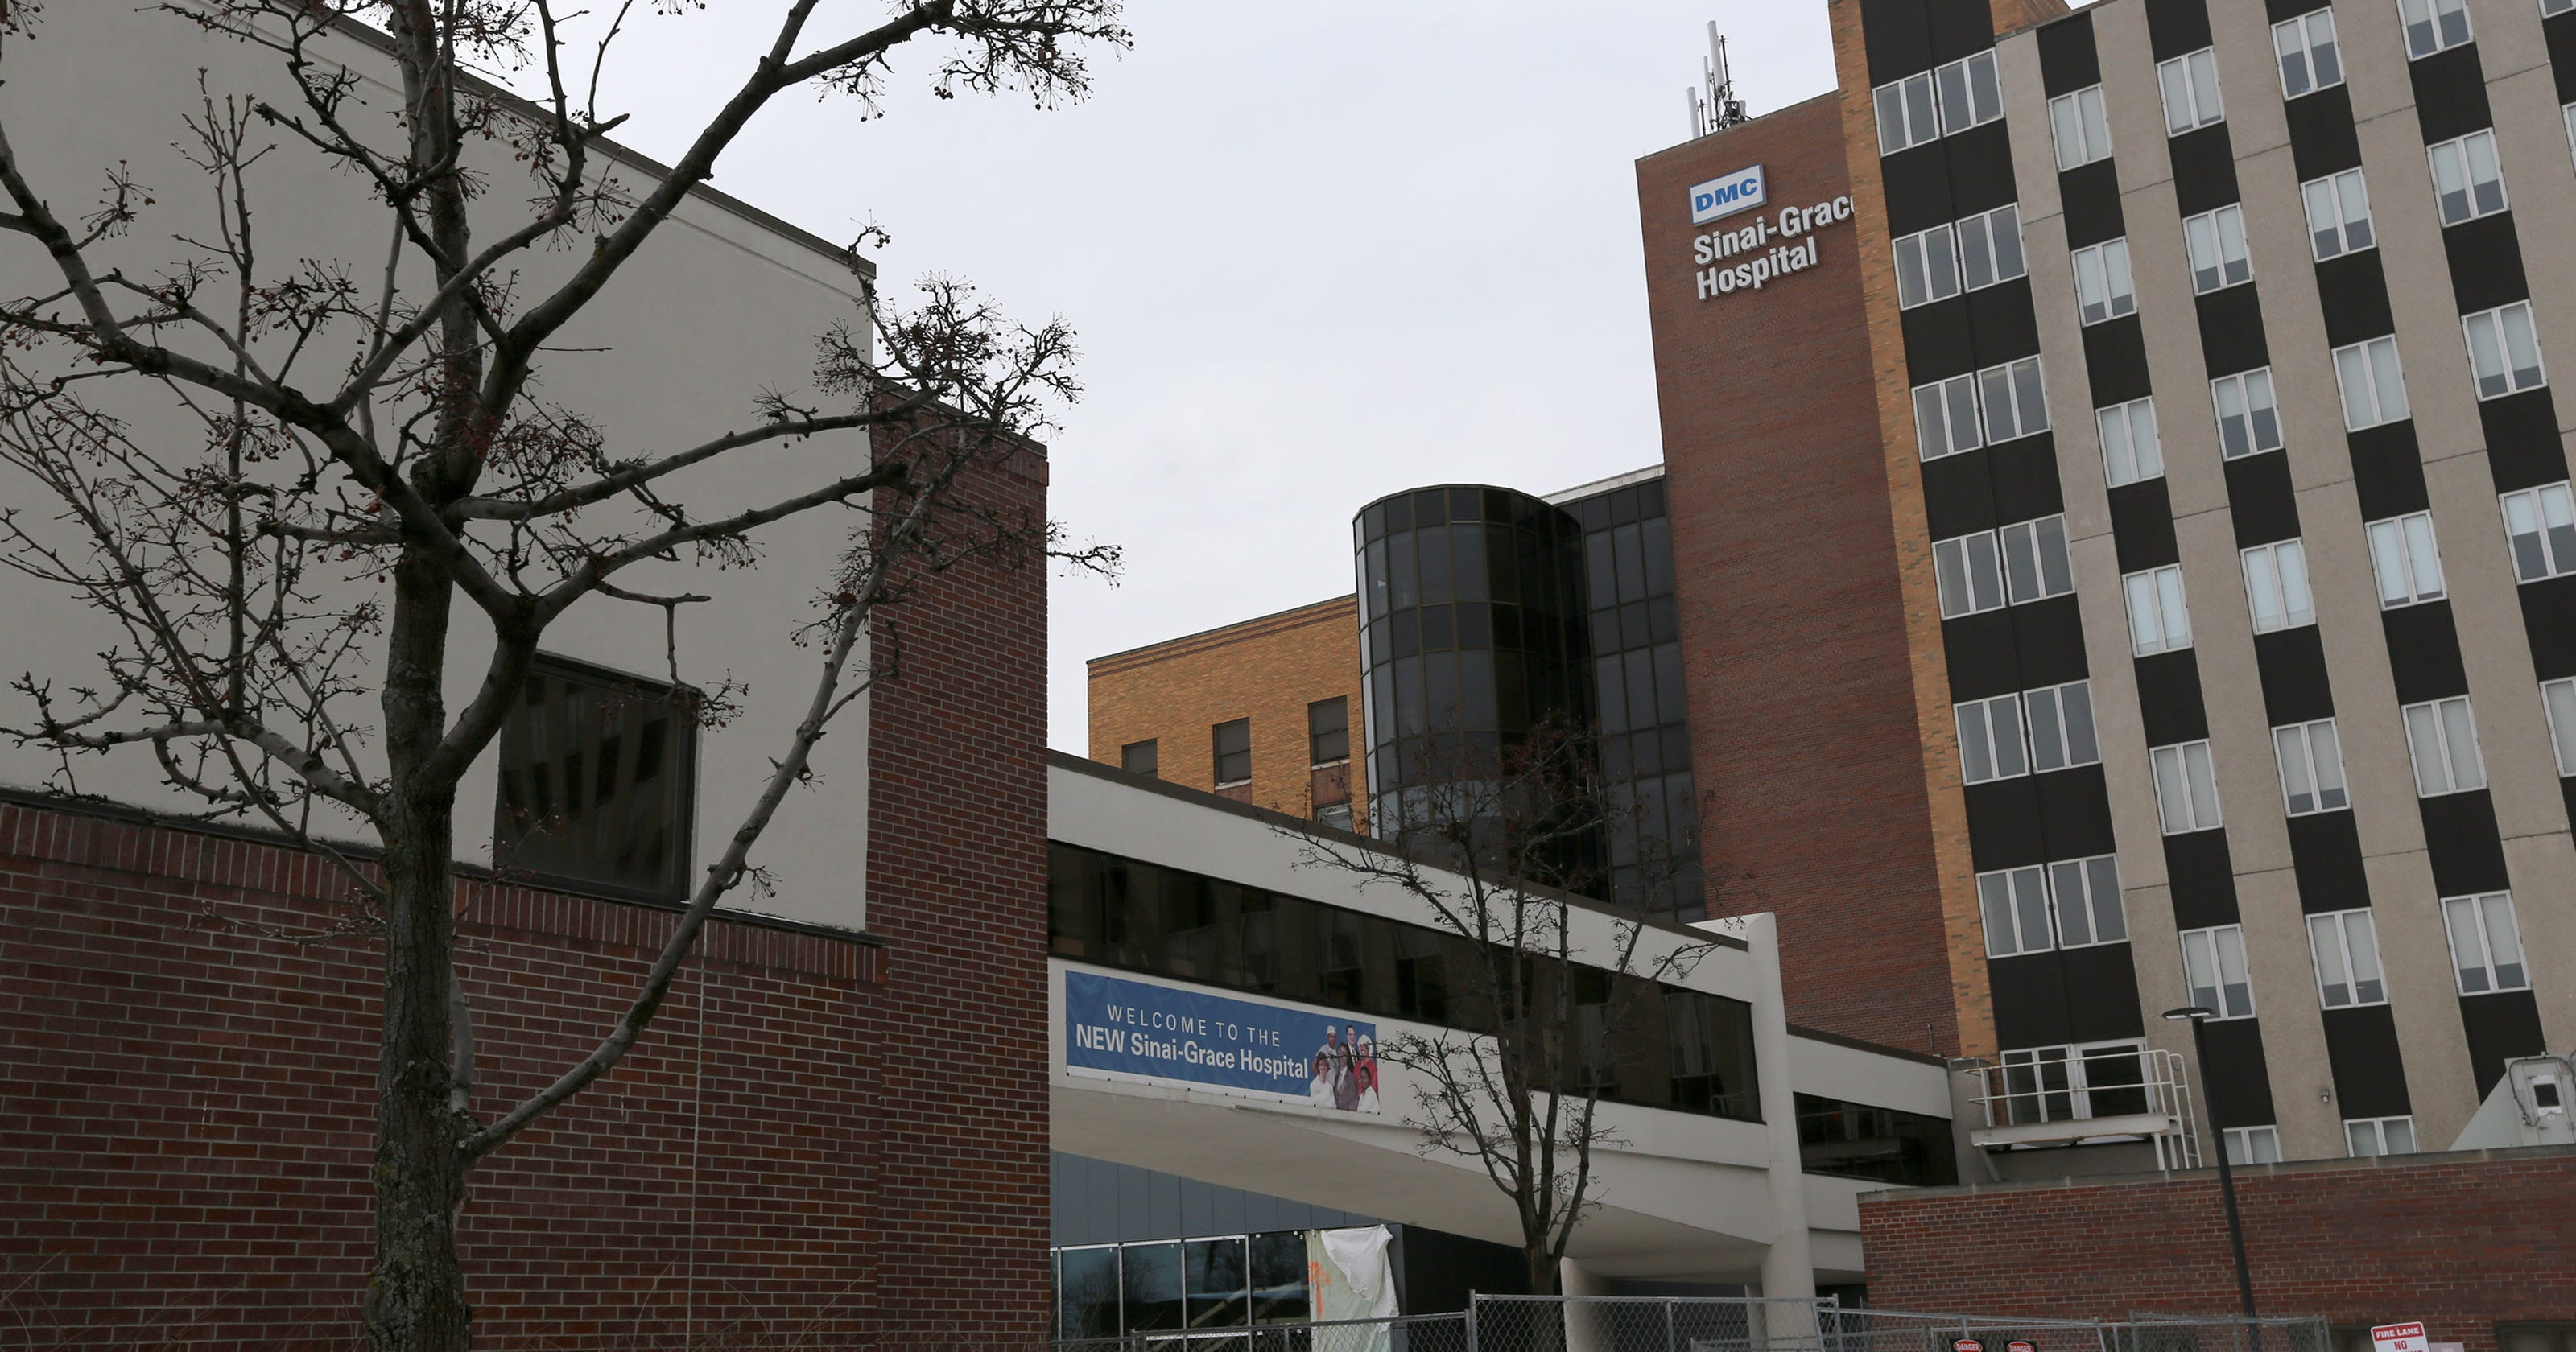 DMC to sever century-old ties with Wayne State University